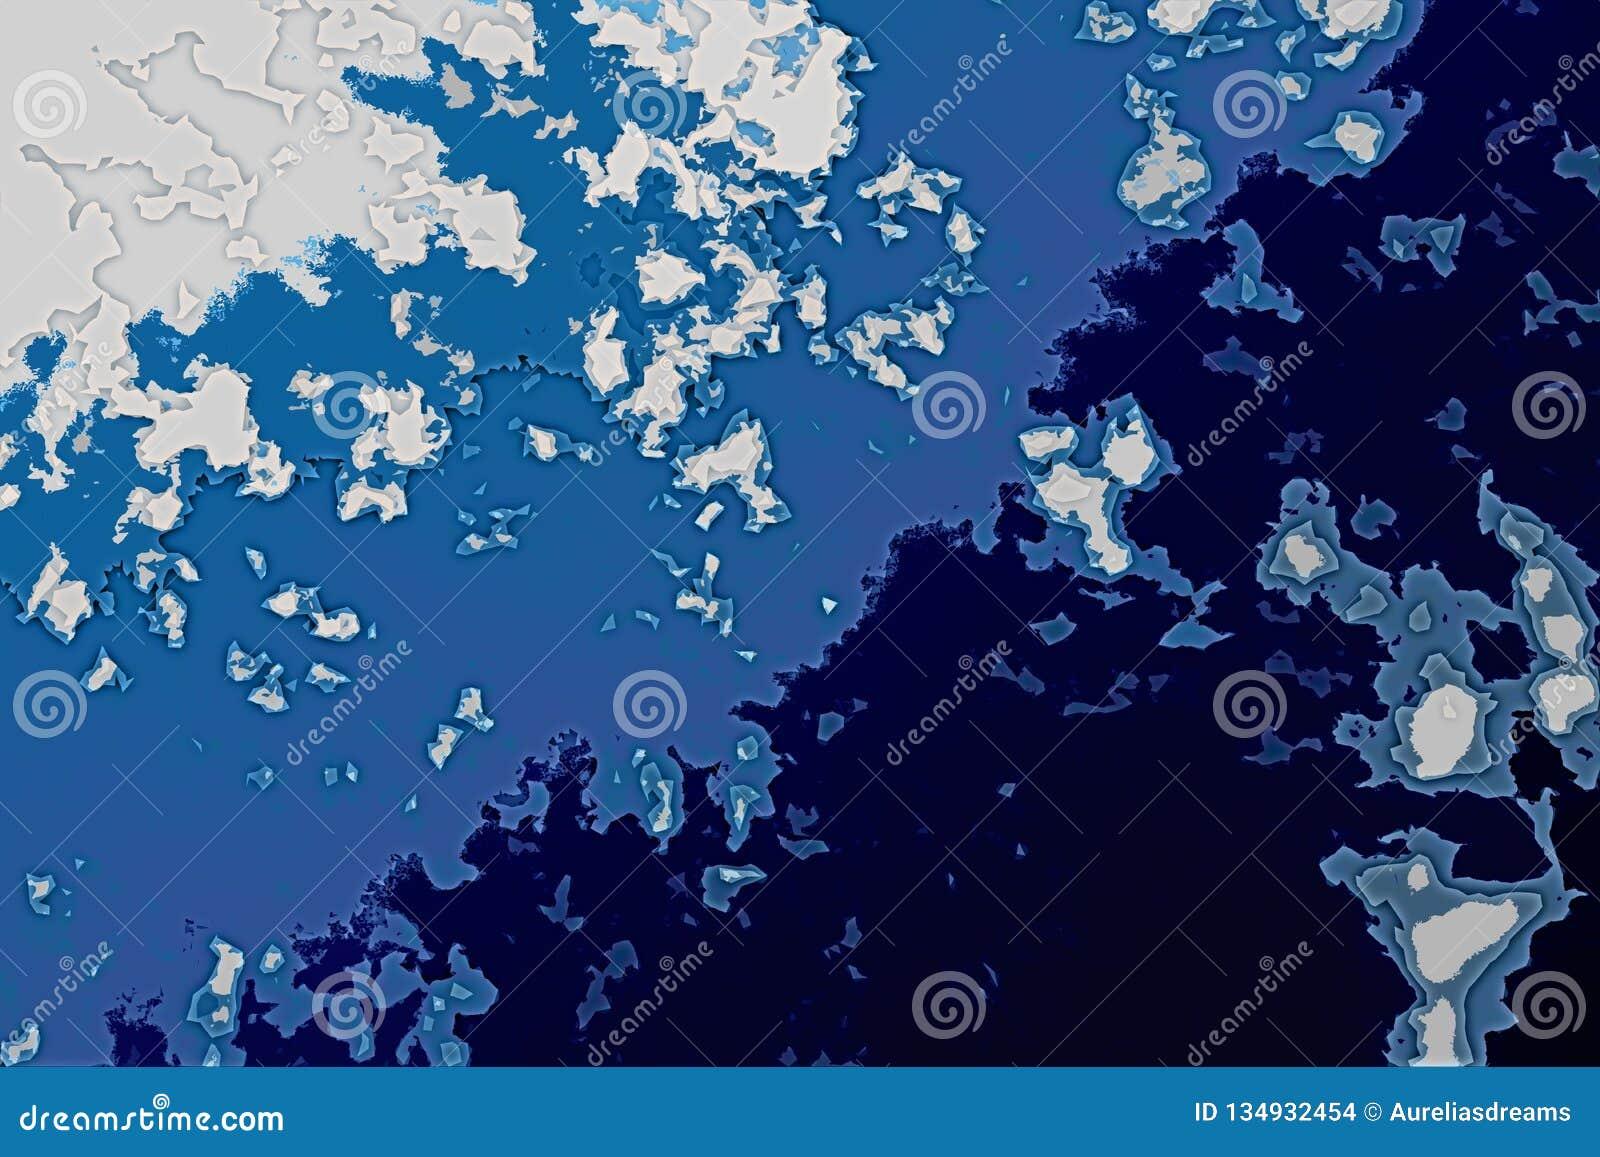 Texture blanche et bleue de fond Carte abstraite avec le rivage du nord, mer, océan, glace, montagnes, nuages